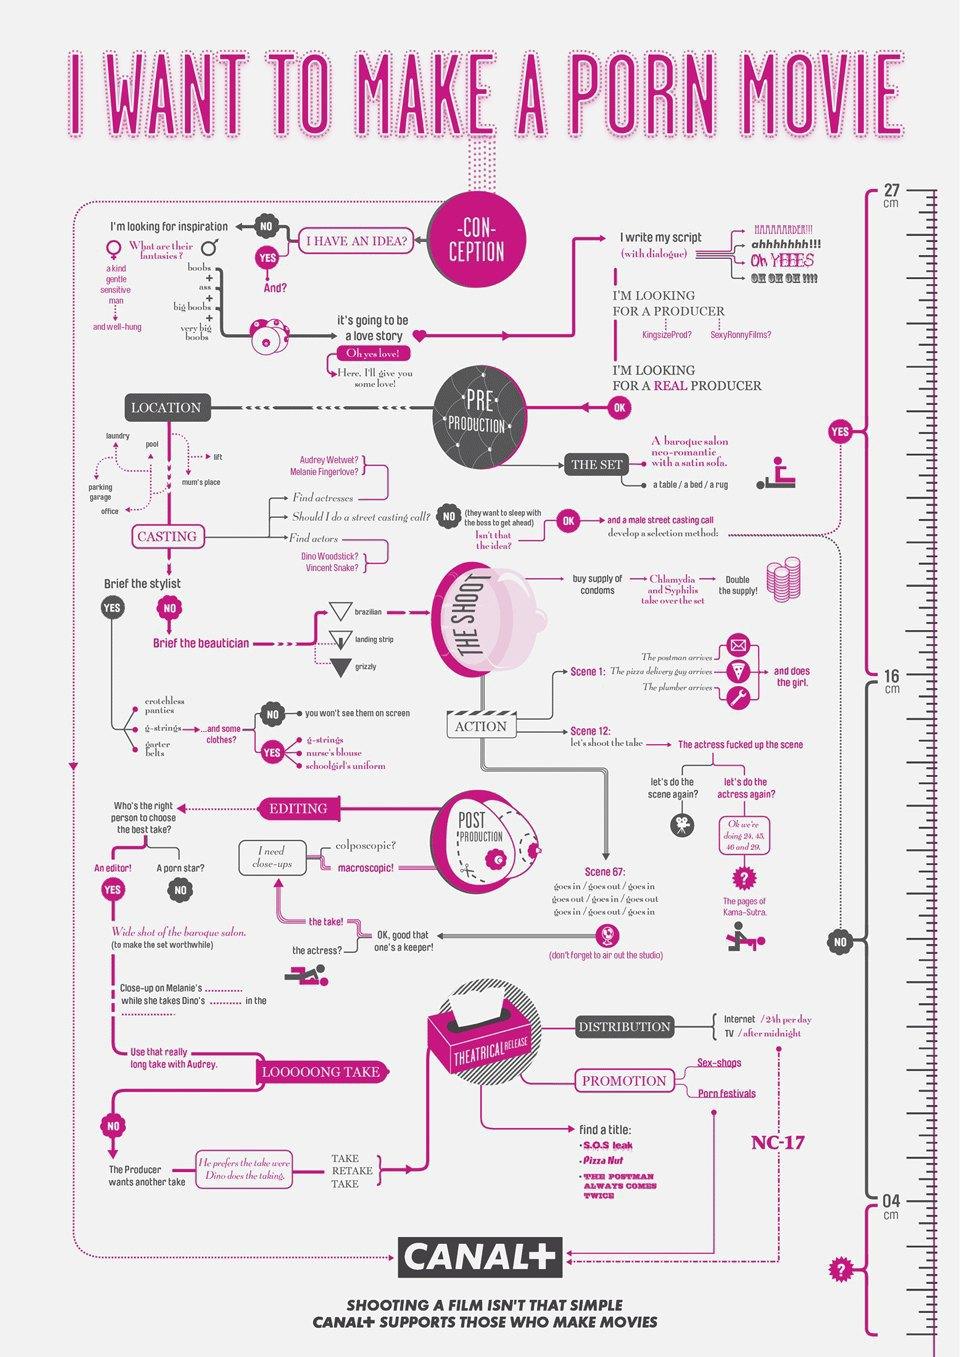 Электронная инфографика. Часть 2: прошлое. Изображение № 8.